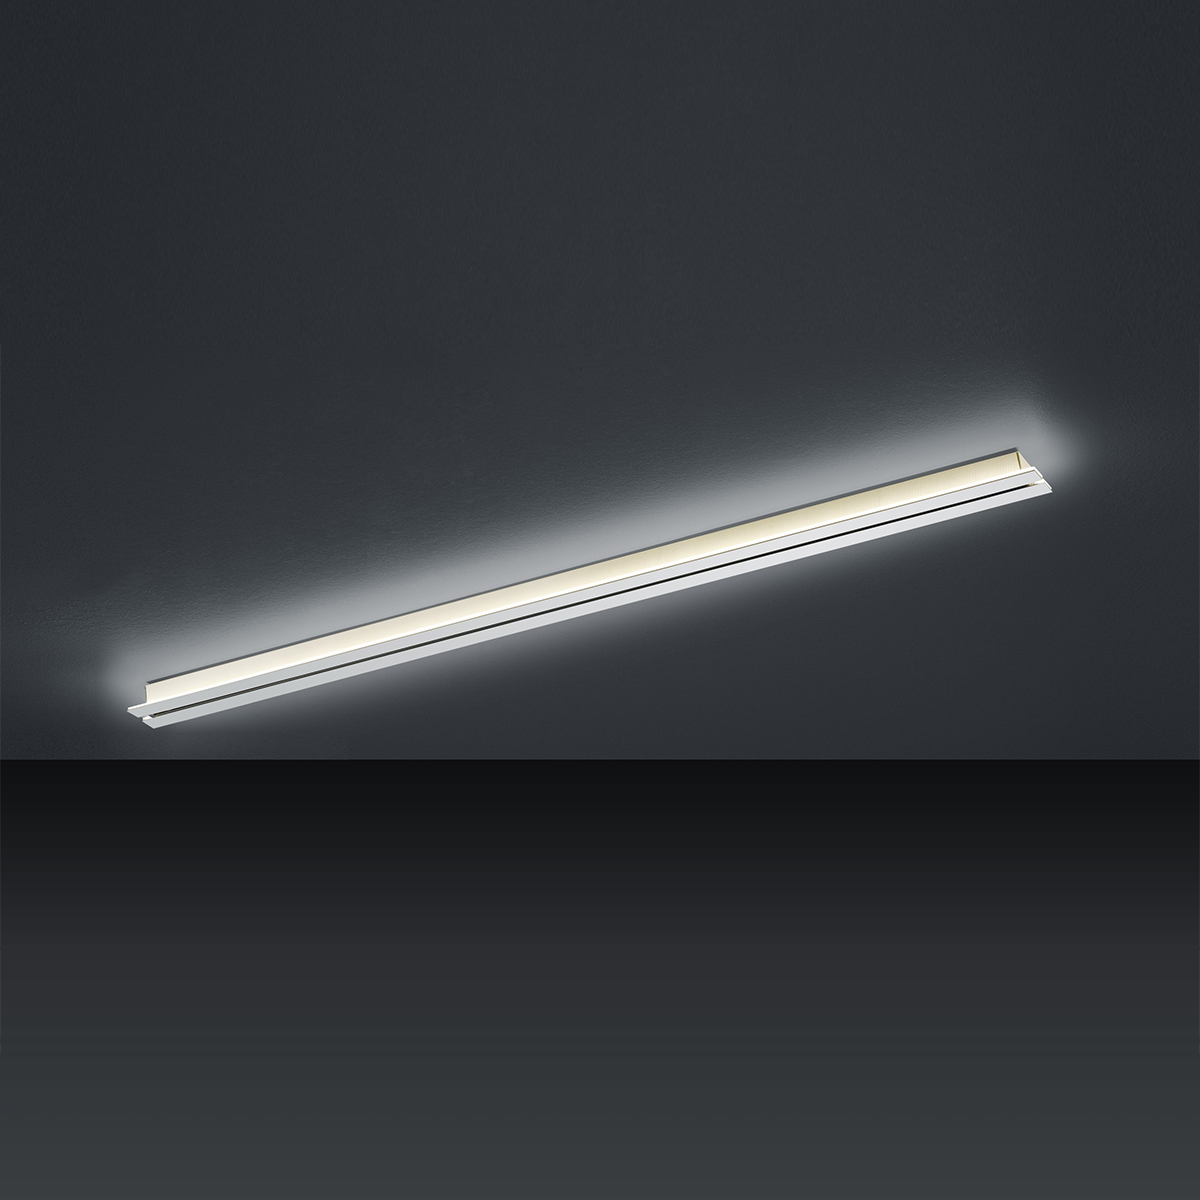 LED-Hängeleuchten von BANKAMP Leuchtenmanufaktur LED-Schiene up and down Strada 2143/155-33